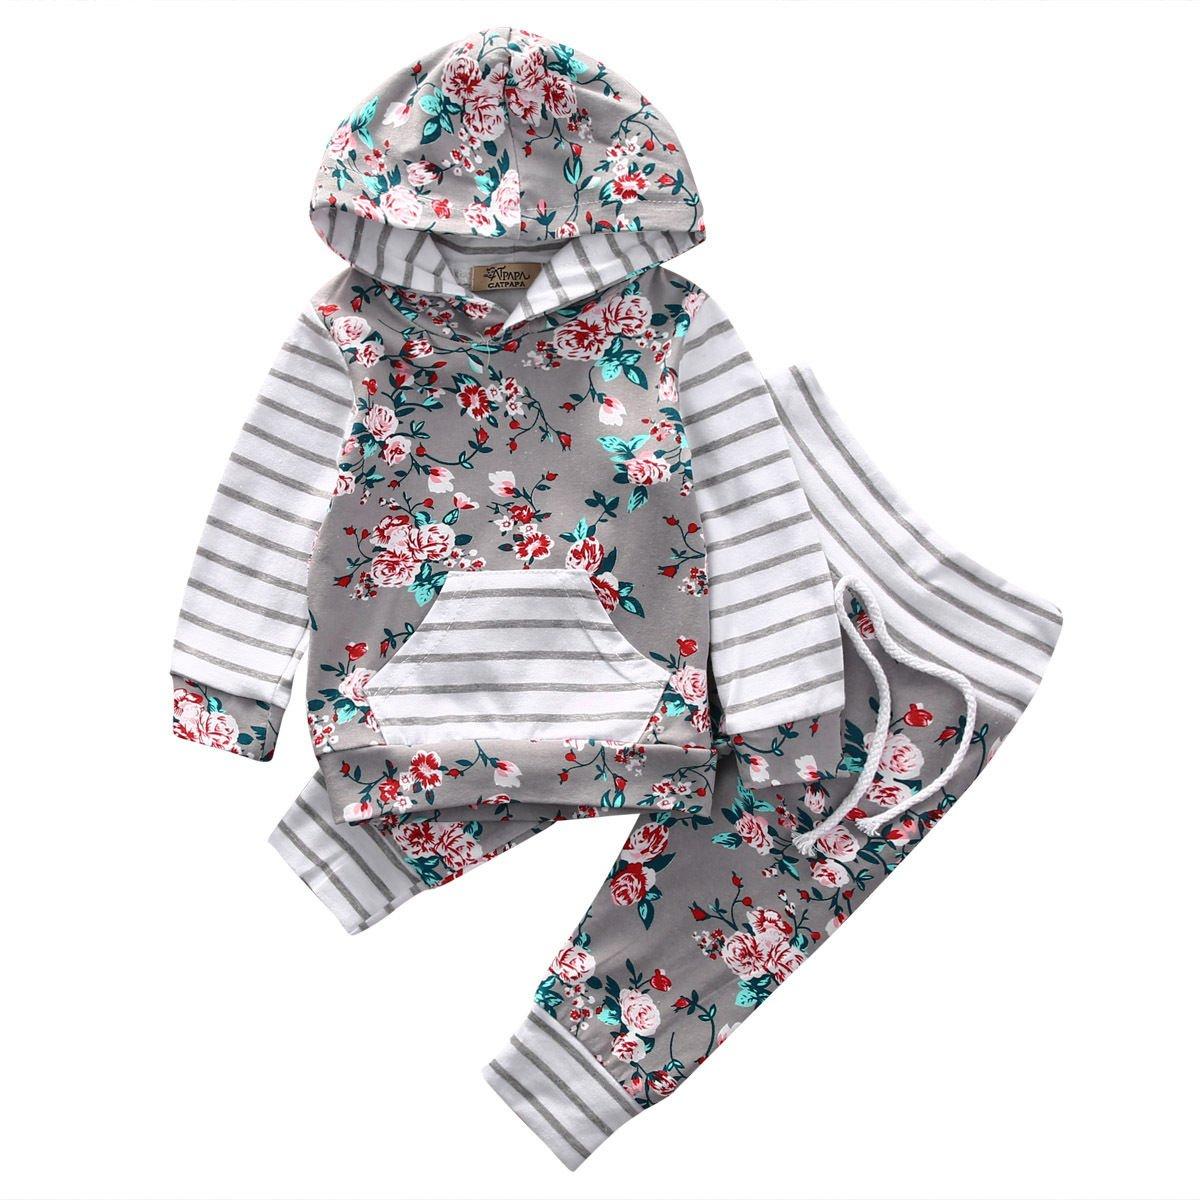 日本限定 ABEE PANTS Floral&striped ABEE ベビーガールズ 18 12 - 18 Months Floral&striped B01N5ARK01, ビューティーショップエンジェル:afab76b6 --- a0267596.xsph.ru